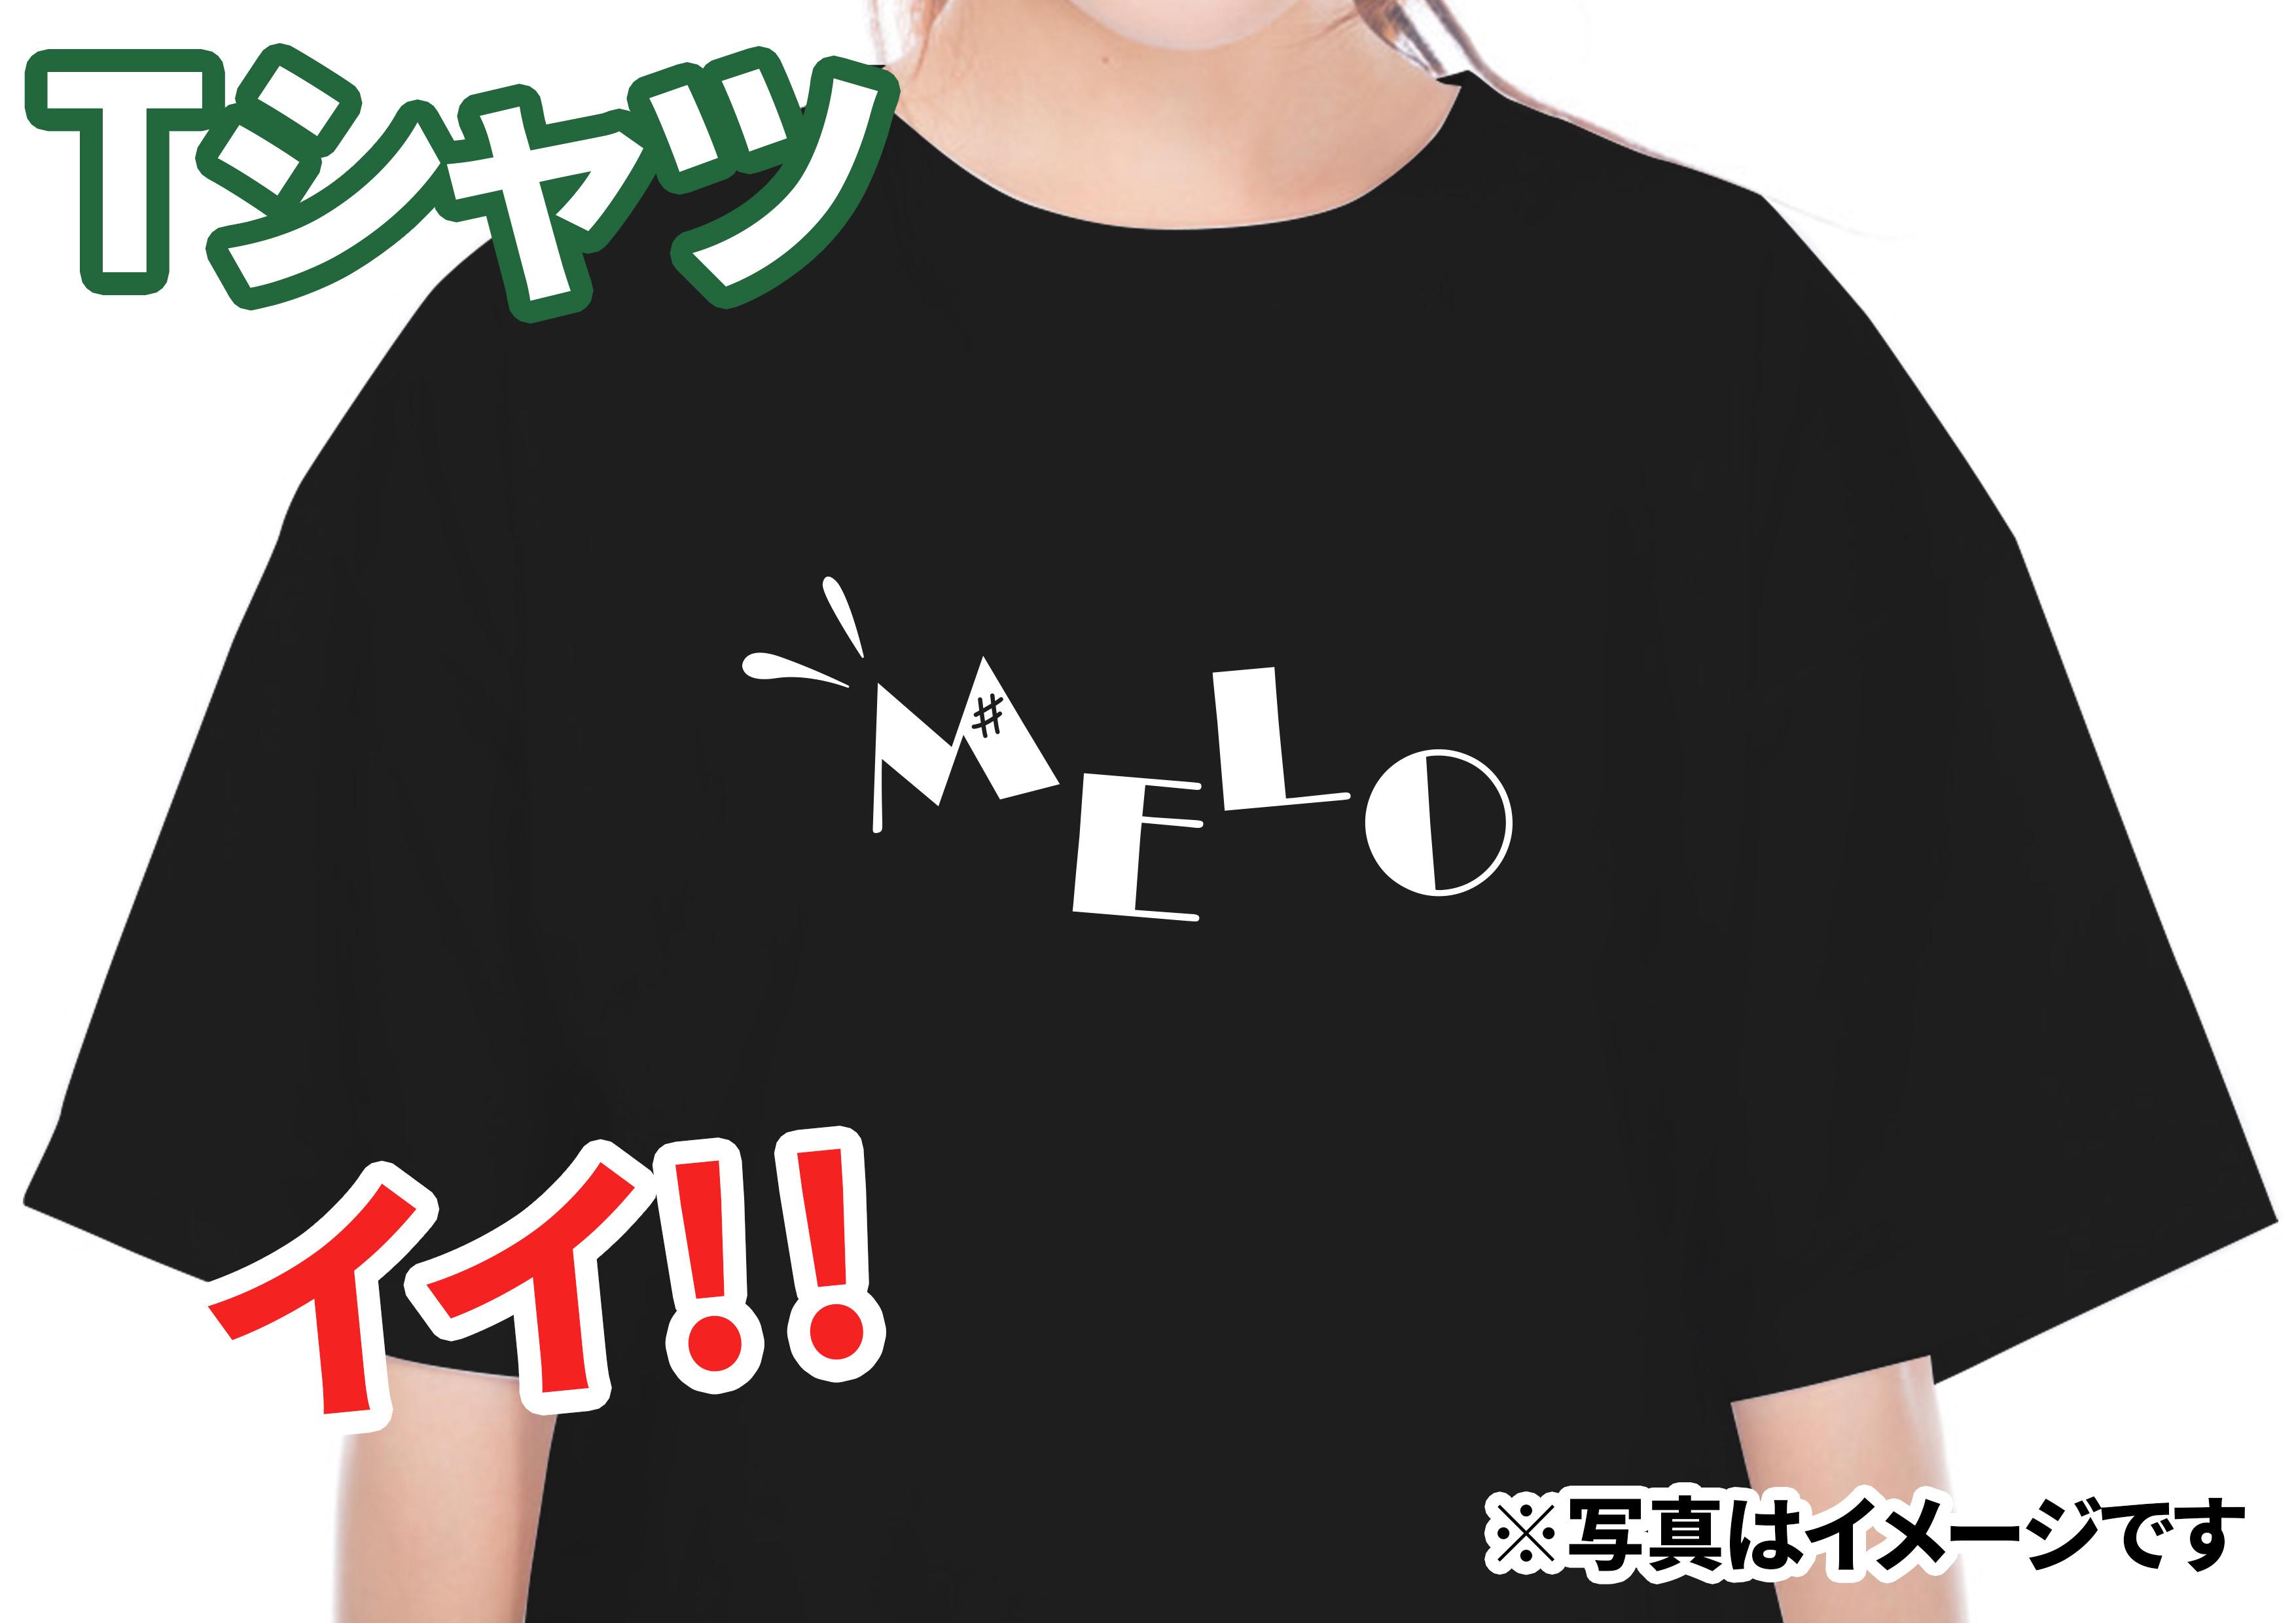 【イイ(11)プラン!】あやめろオリジナルデザインTシャツプラン